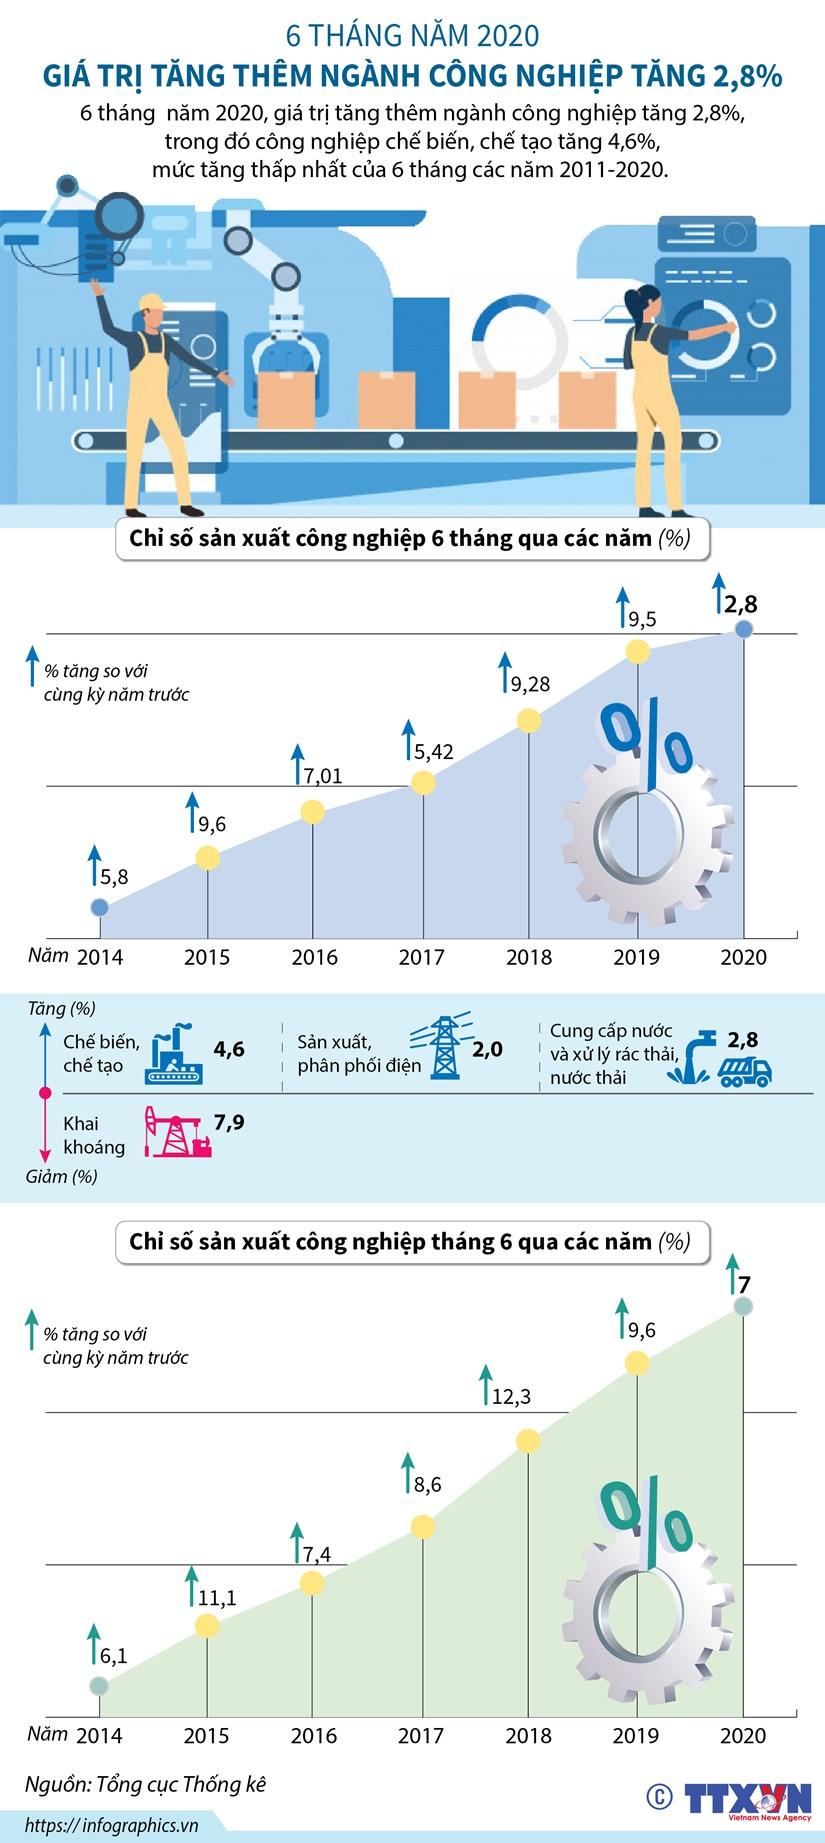 [Infographics] Gia tri tang them nganh cong nghiep tang 2,8% hinh anh 1